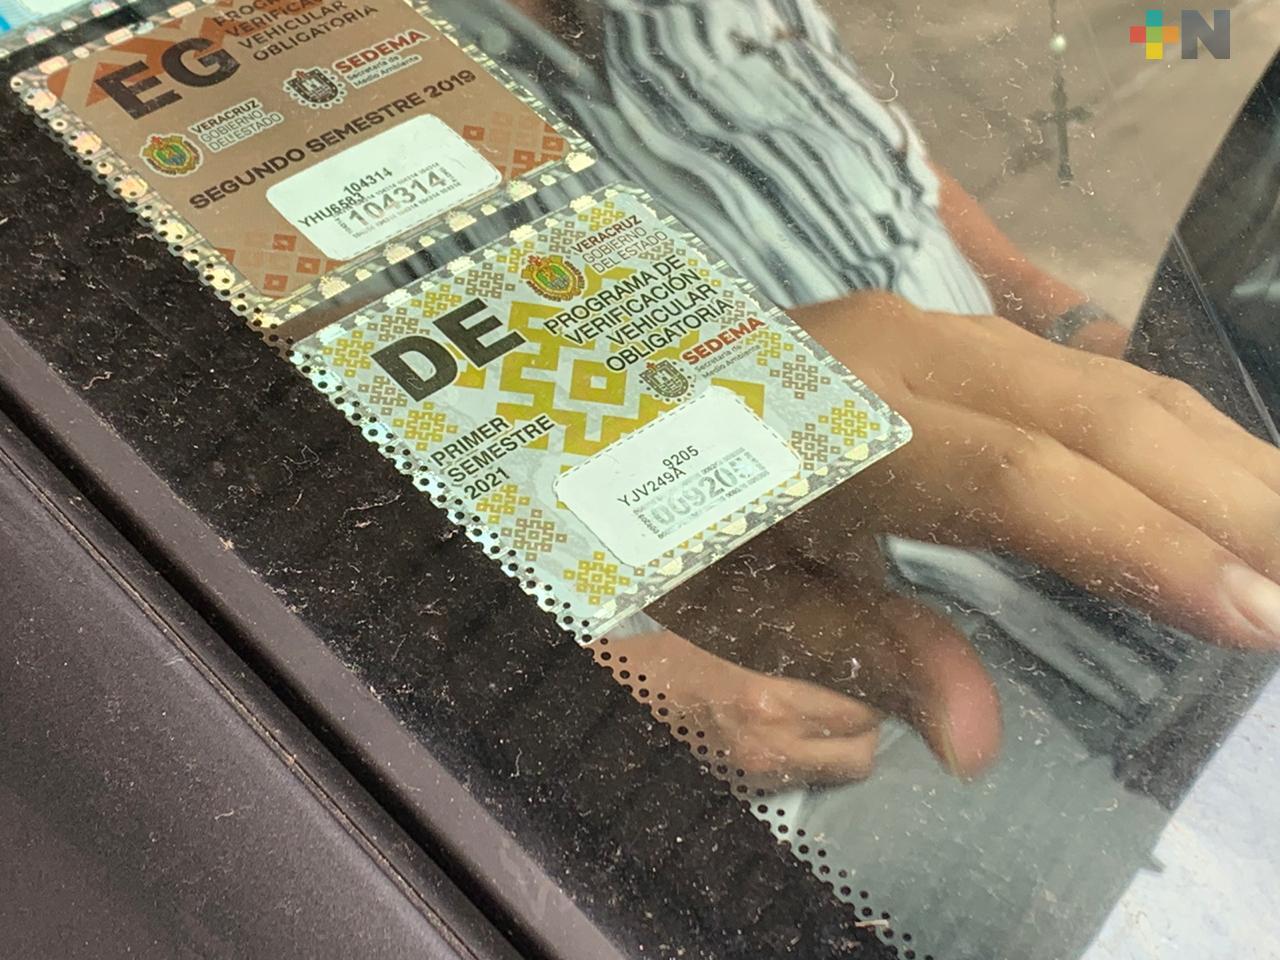 Empiezan a llegar engomados de verificación vehicular a Coatzacoalcos